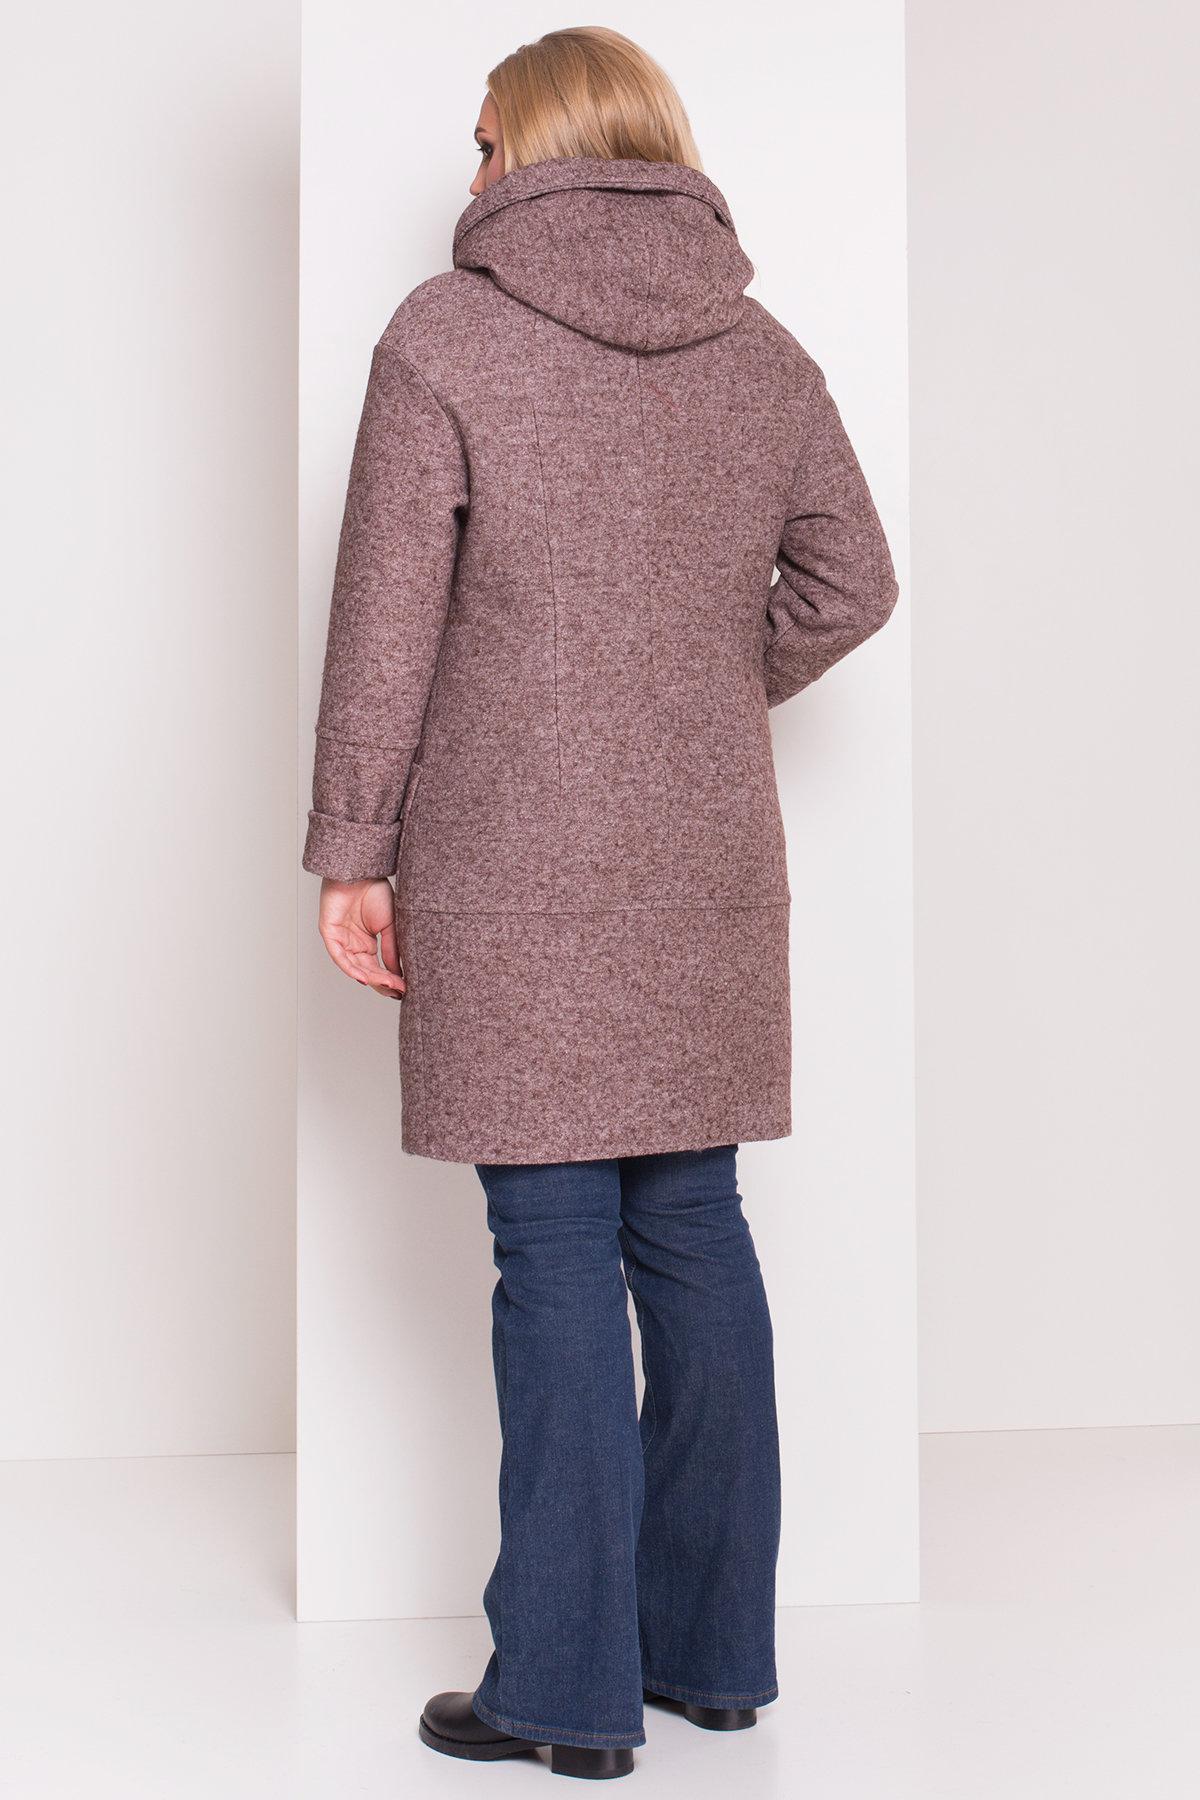 Пальто зима с капюшоном Анита Donna 3720 АРТ. 19287 Цвет: Кофе LW-4 - фото 4, интернет магазин tm-modus.ru